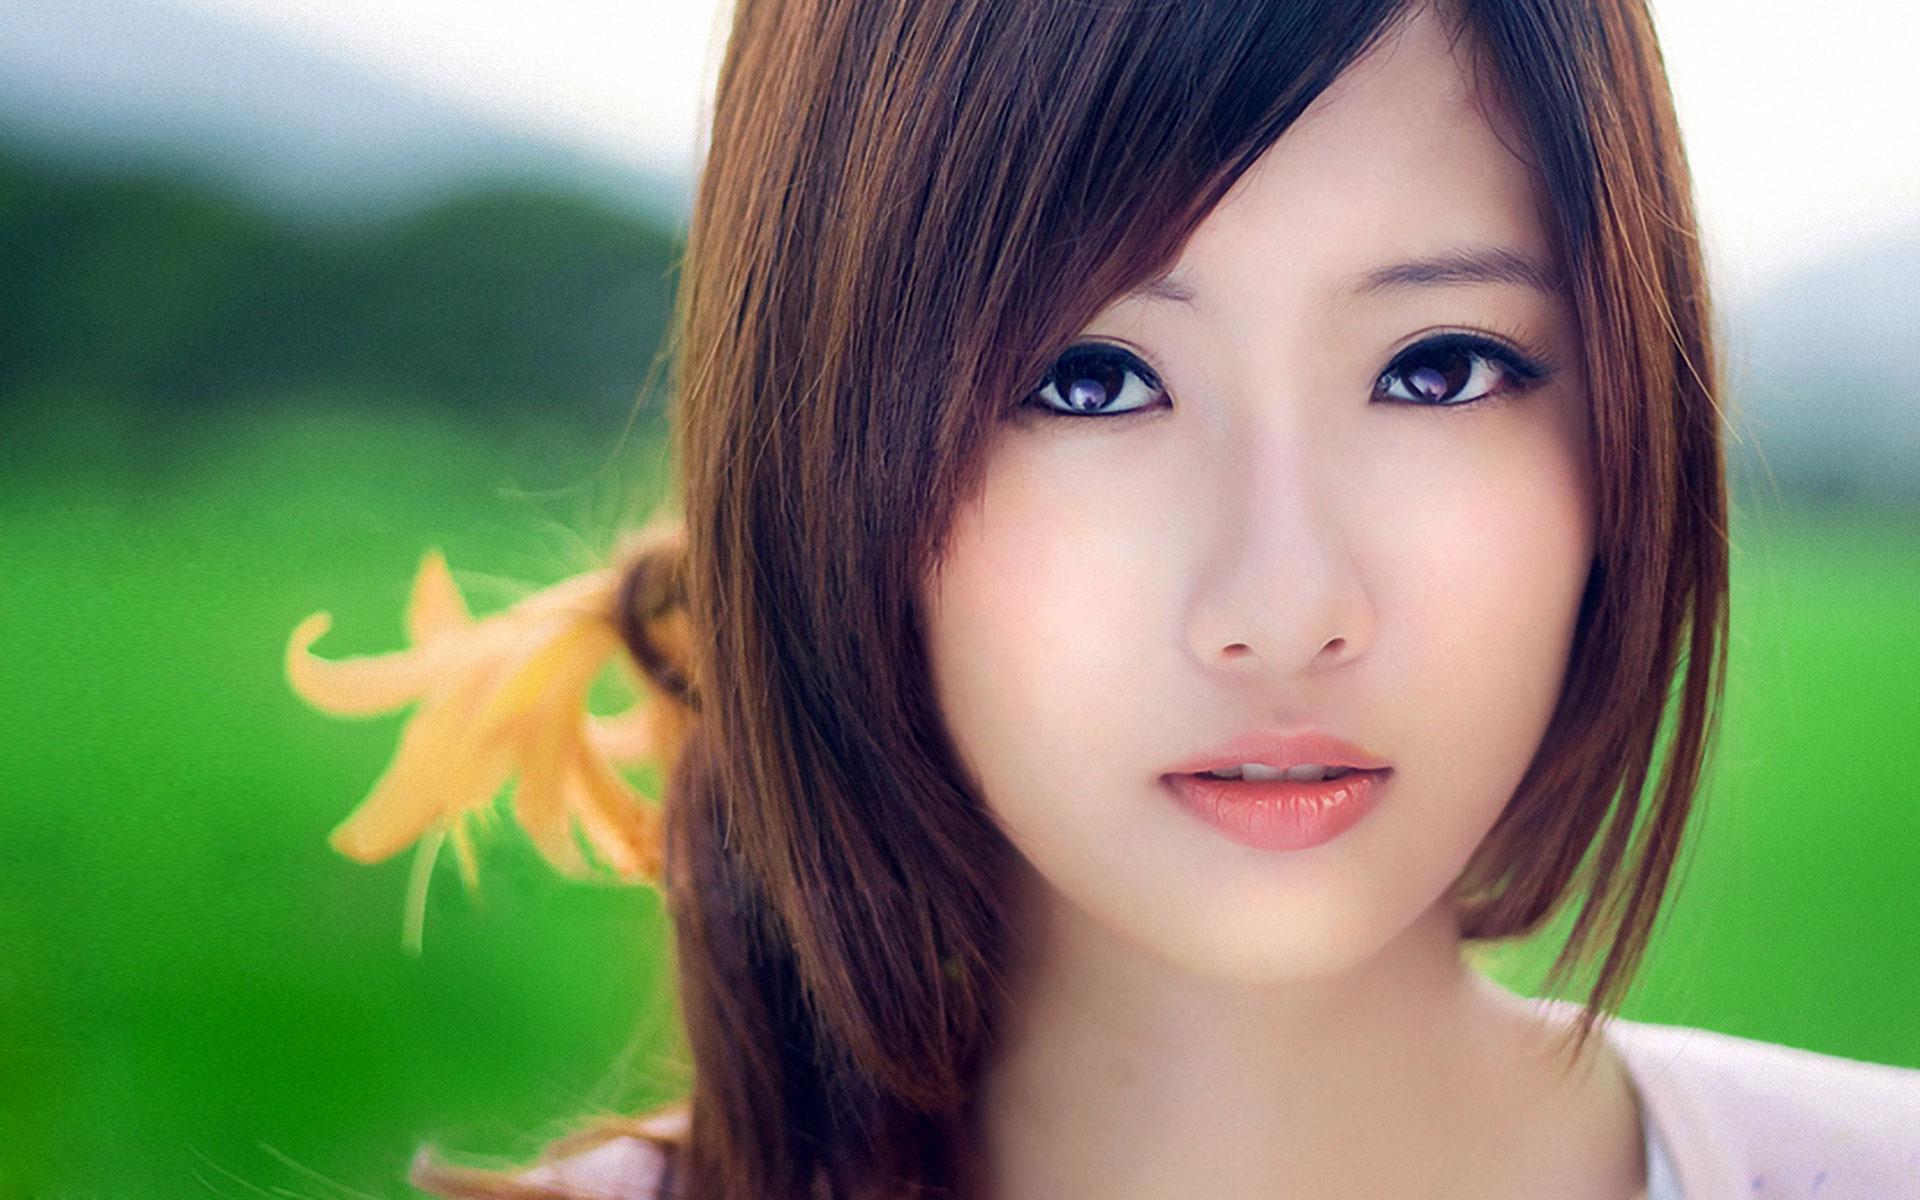 Description Cute Girl HD Wallpaper is a hi res Wallpaper for pc 1920x1200